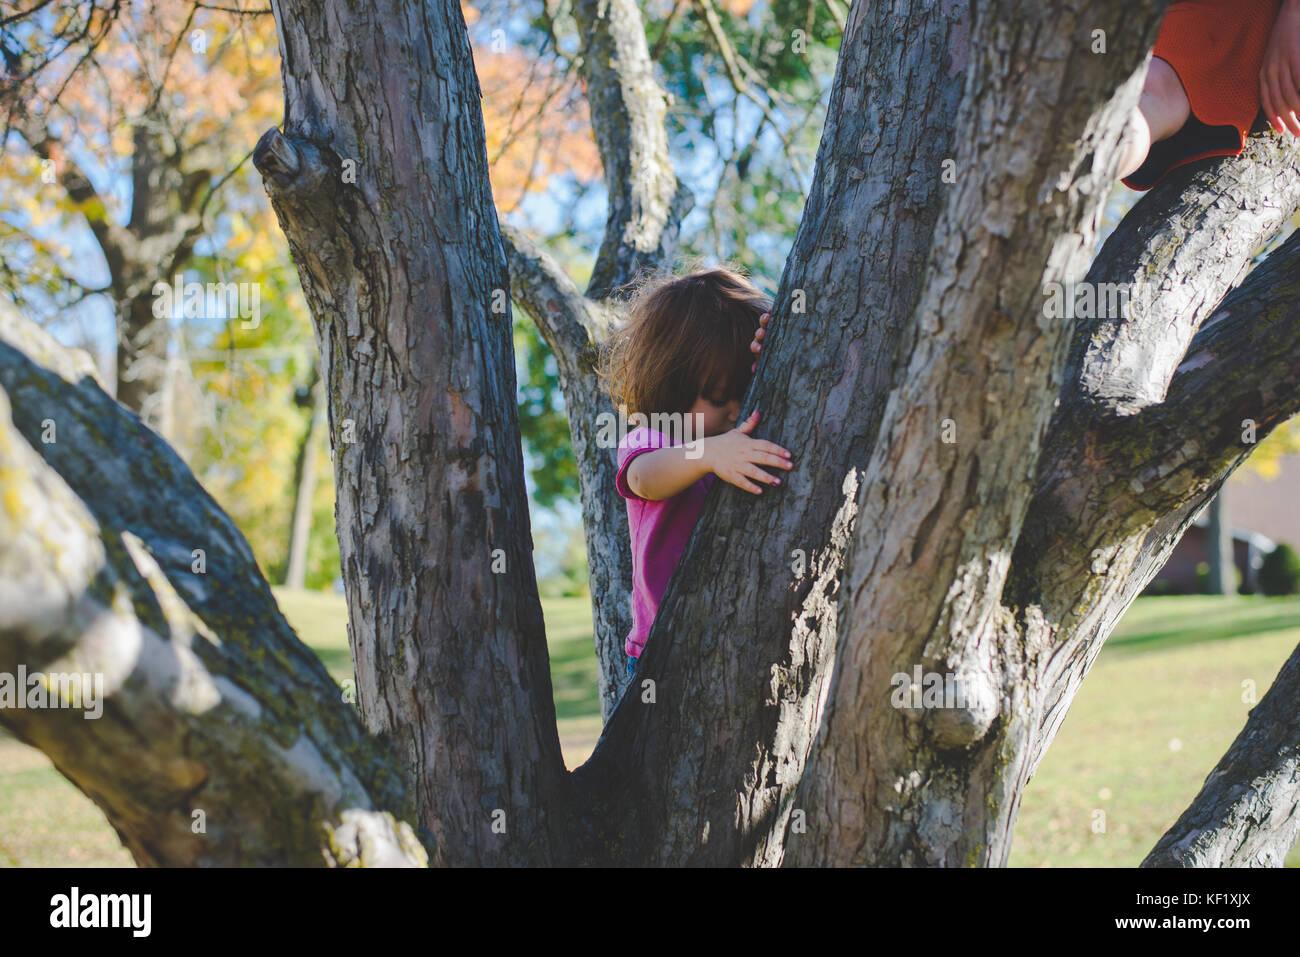 Hijo trepar un árbol Imagen De Stock